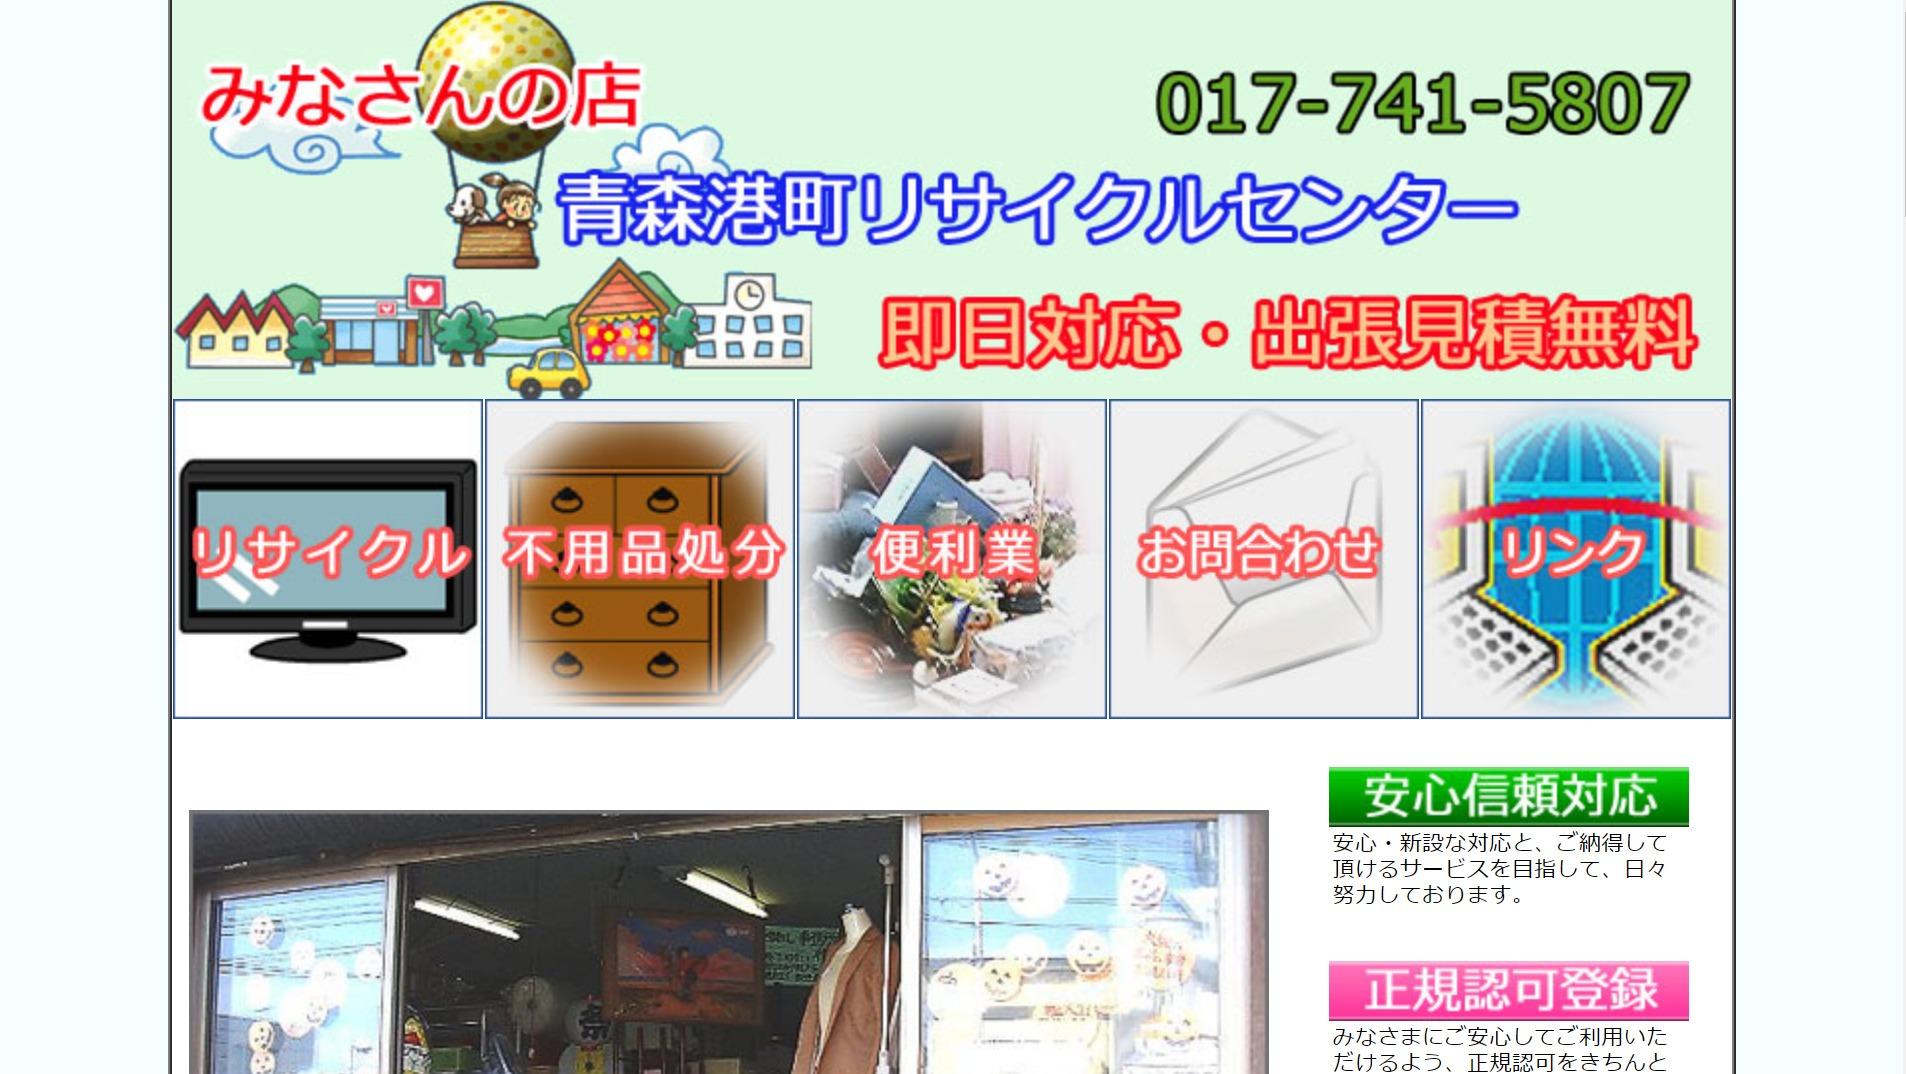 青森港町リサイクルセンター(青森県青森市港町)